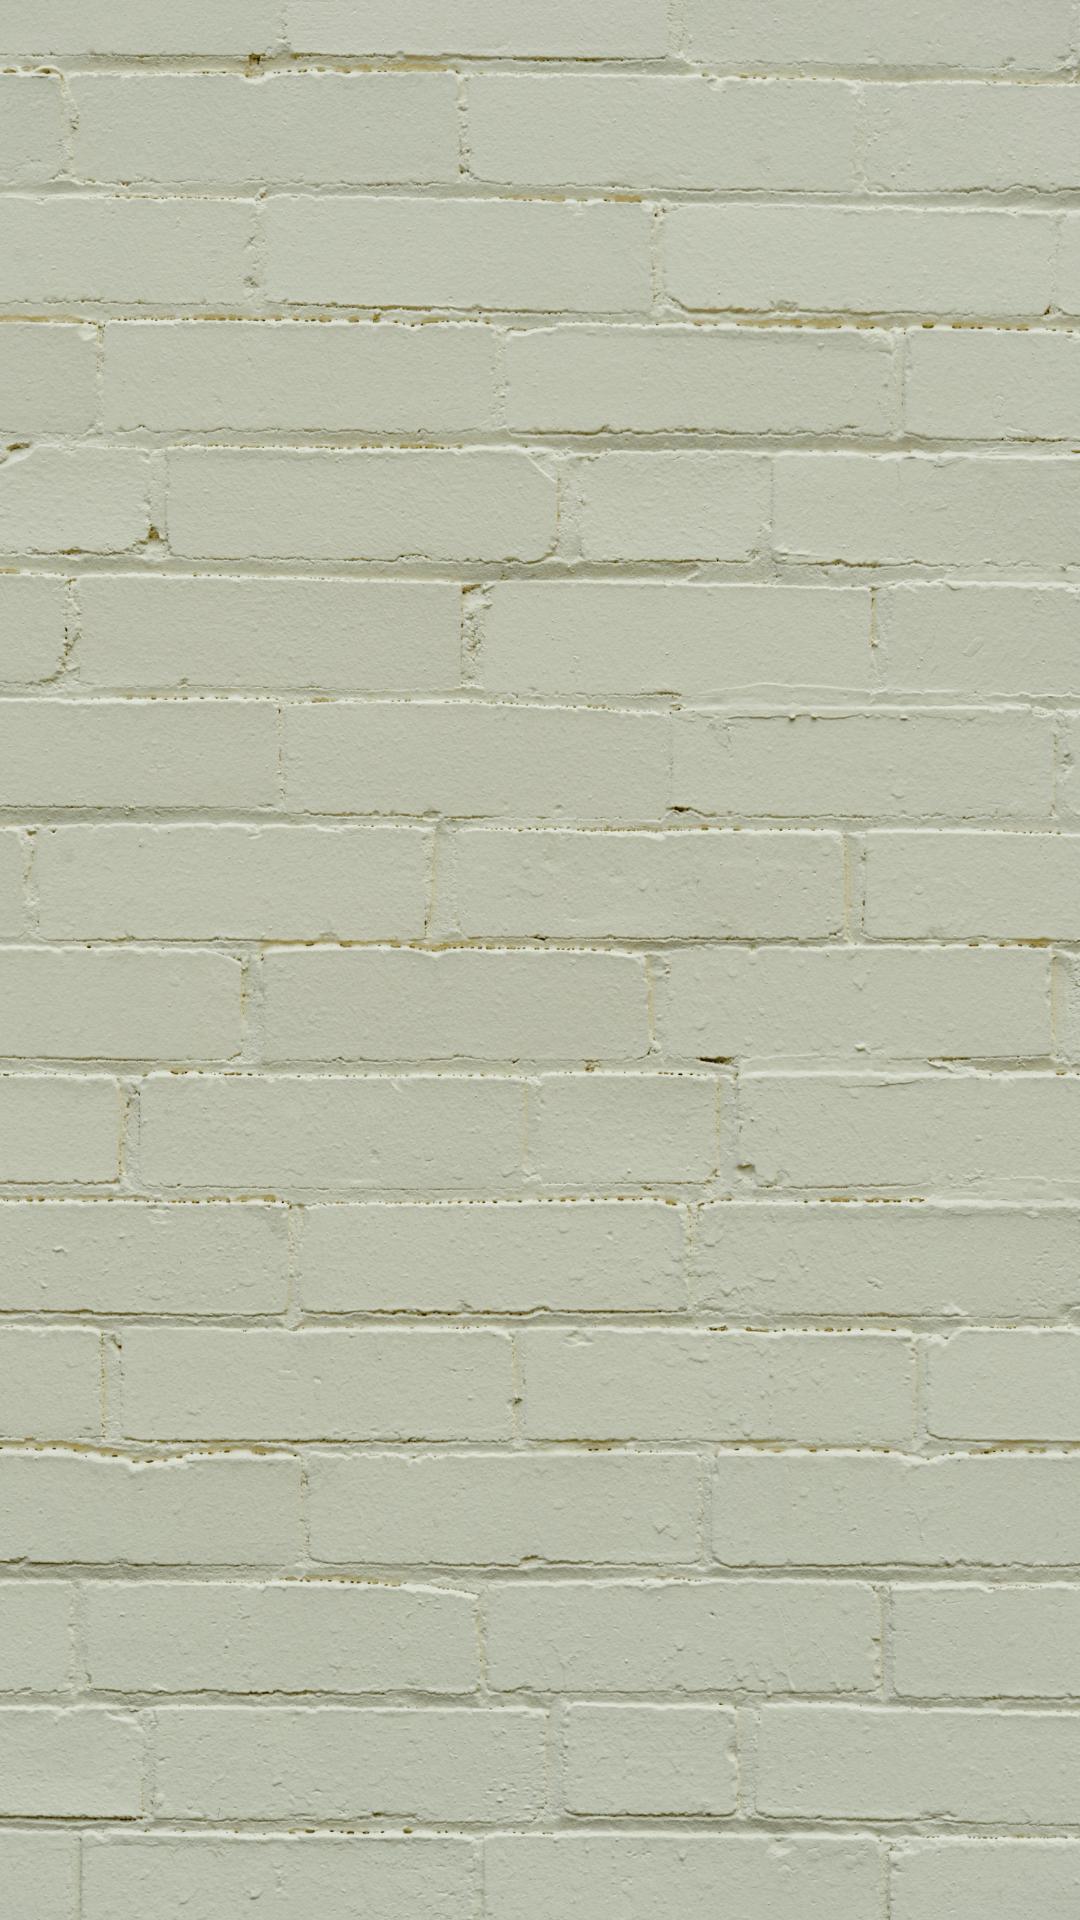 1080x1920 Hướng dẫn cơ bản về hình nền thẩm mỹ xanh Sage miễn phí.  Chỉ Jes Lyn